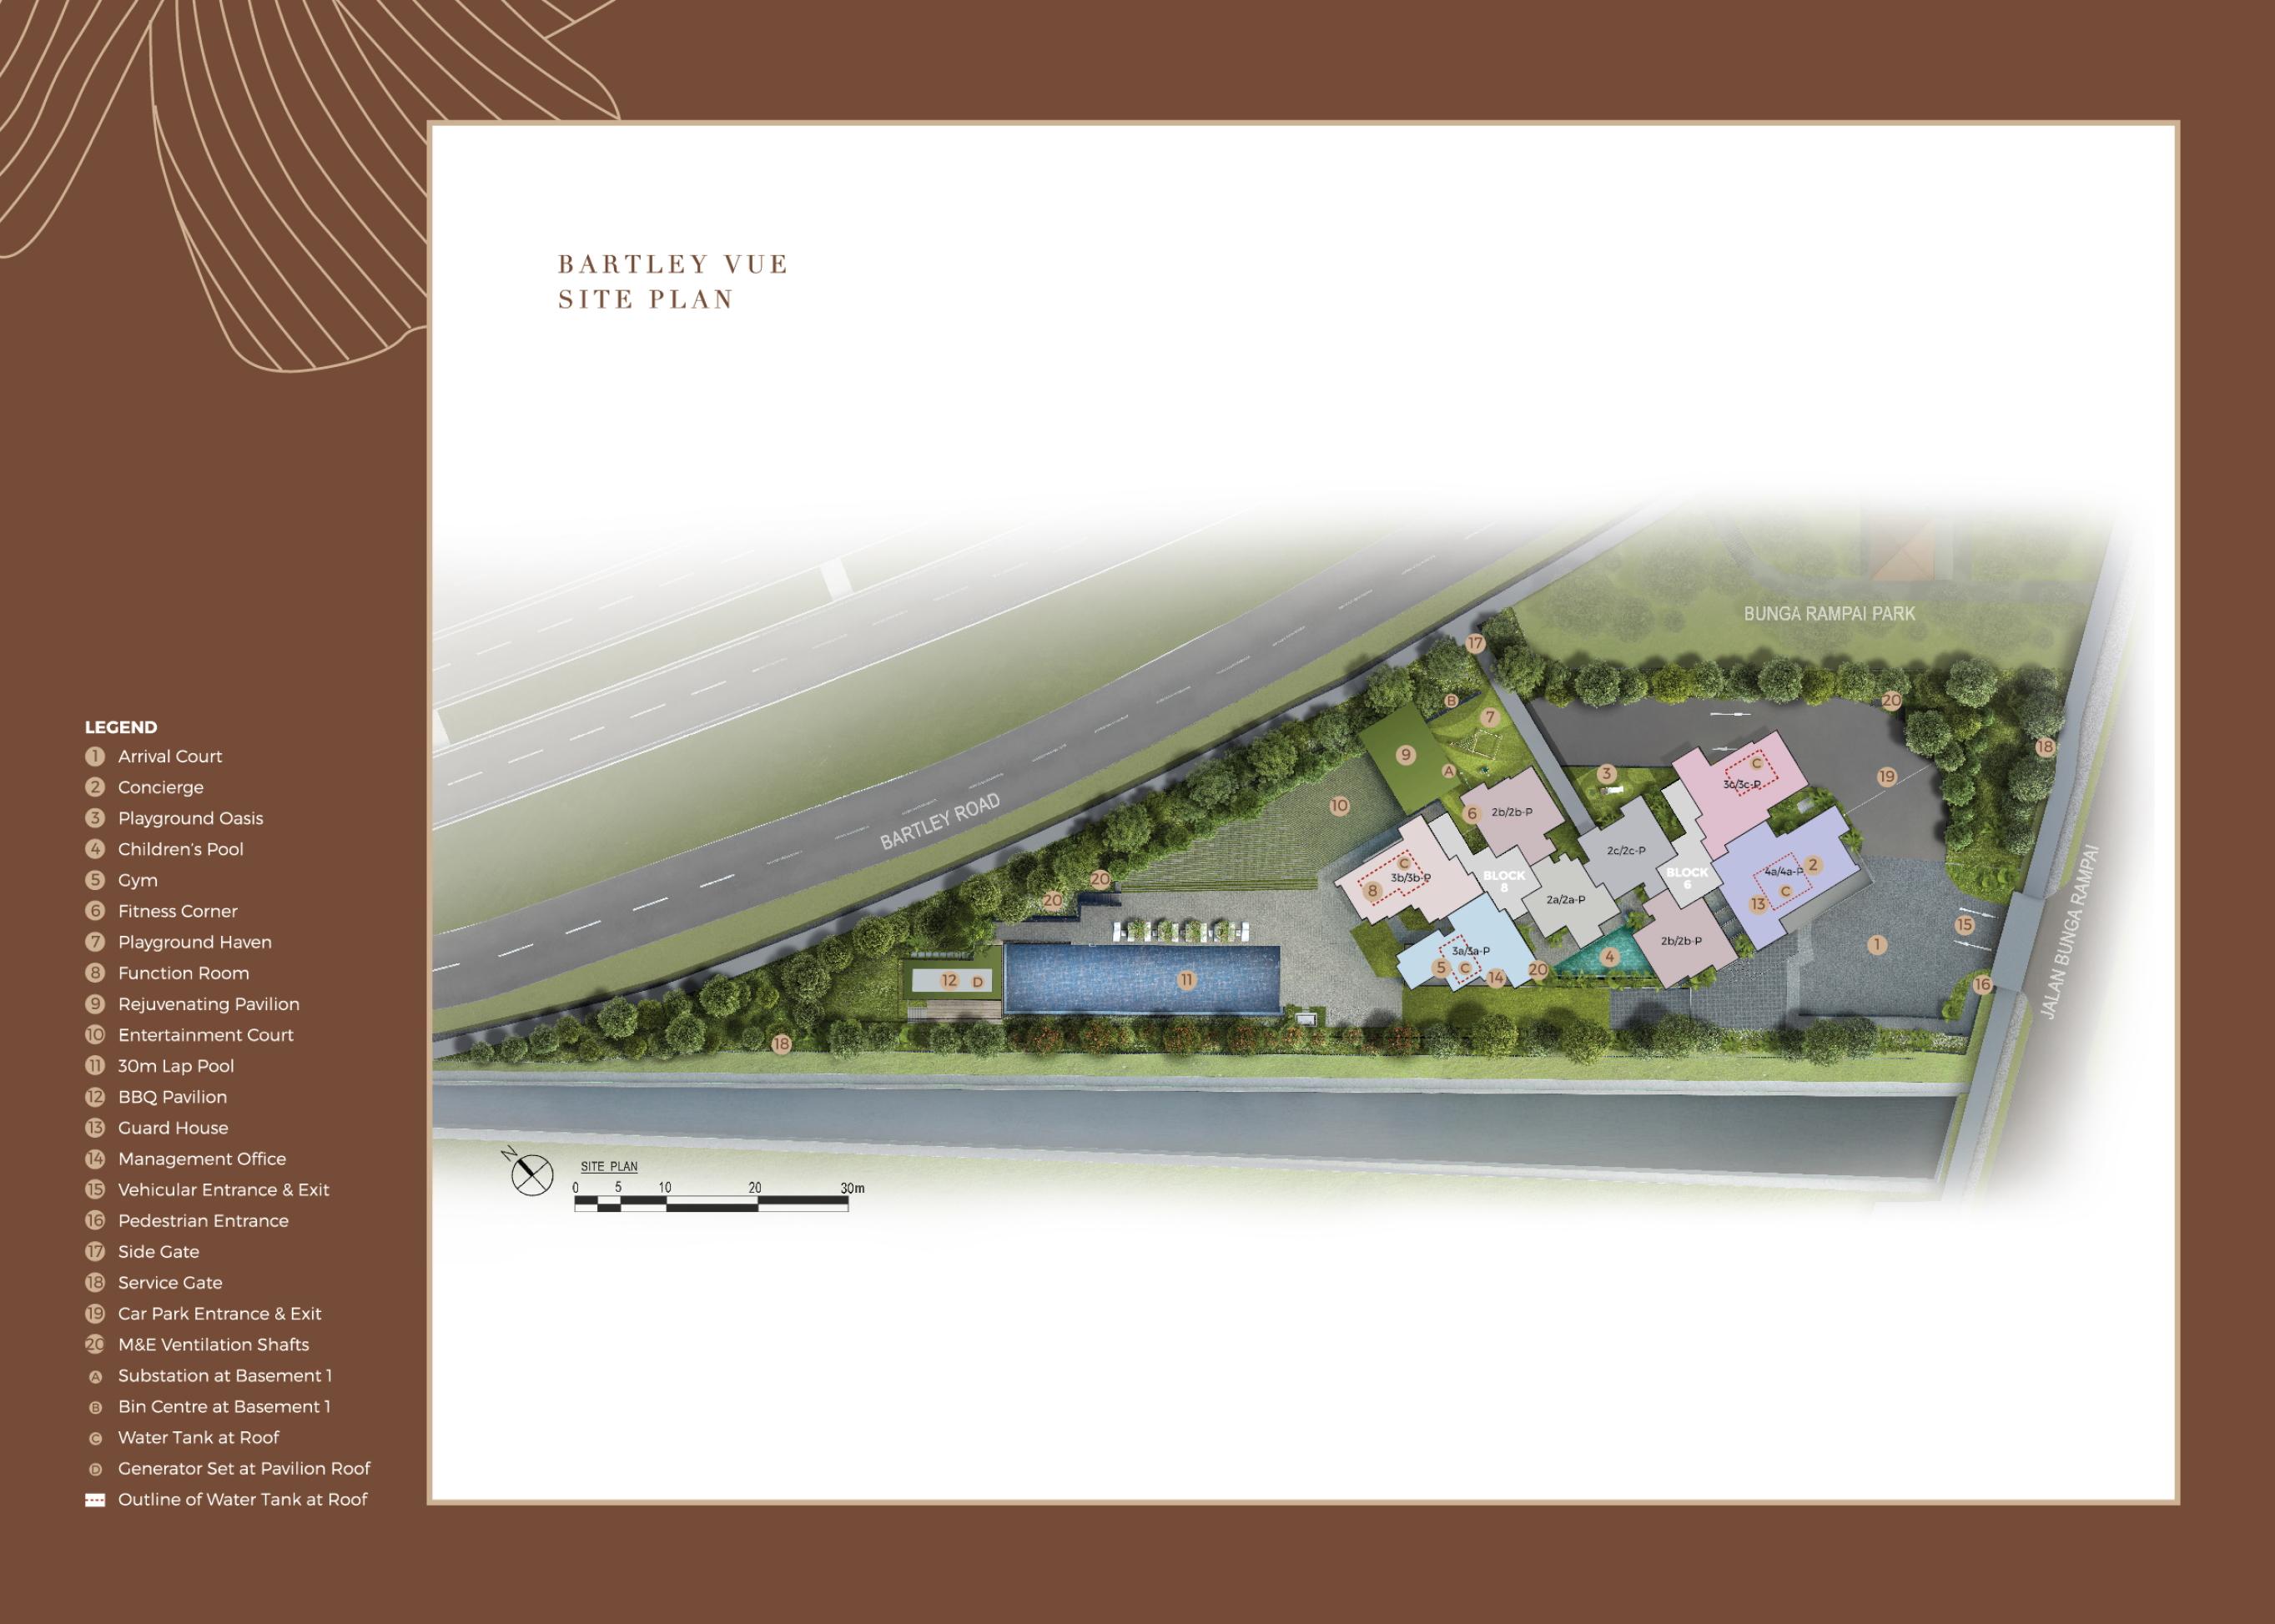 Bartley Vue site plan